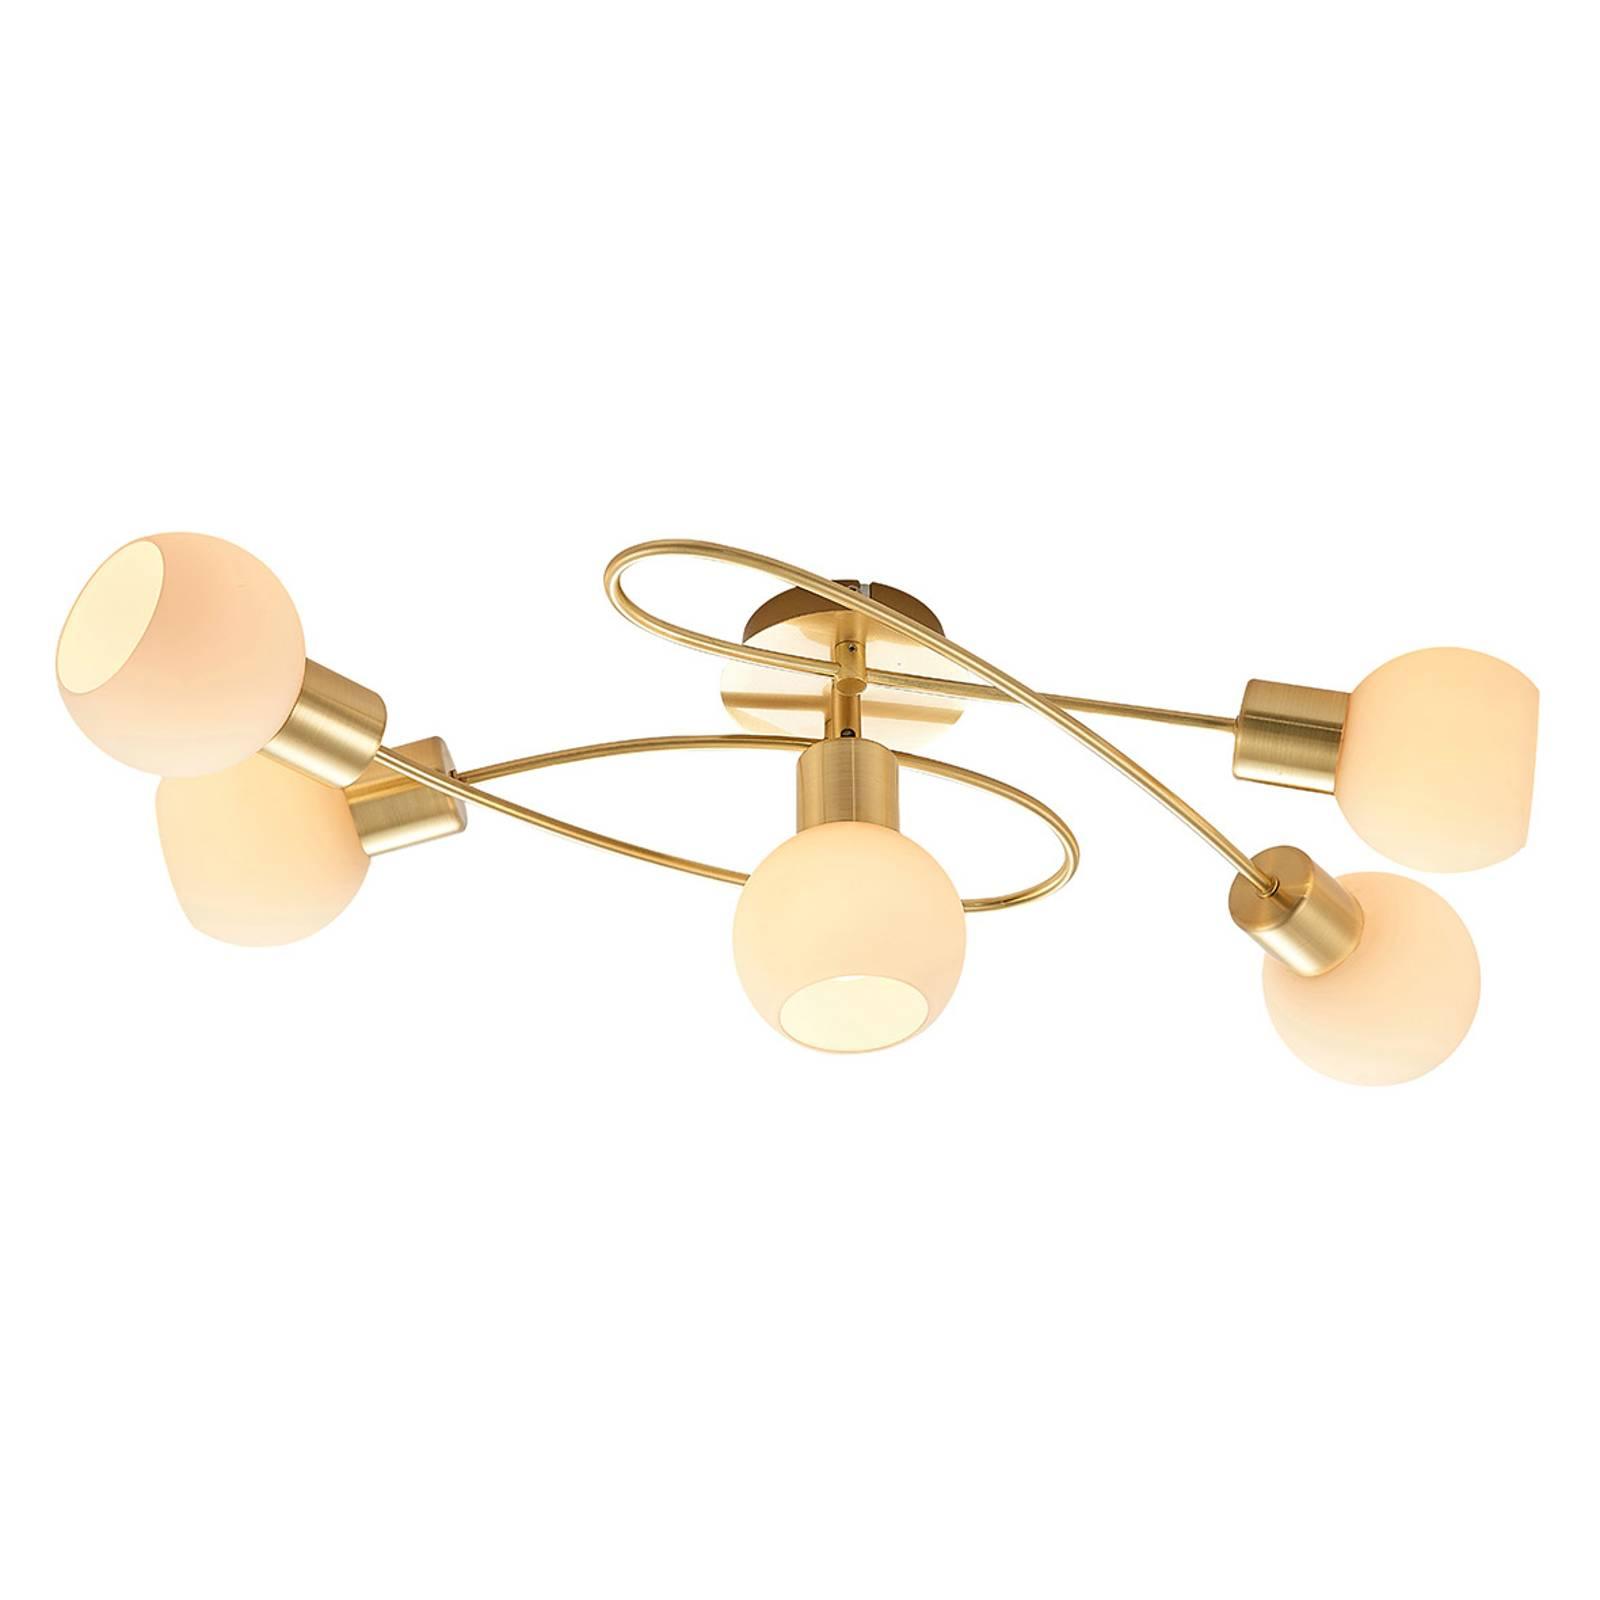 Lindby-LED-kattovalaisin Elaina, 5-lamp. messinki